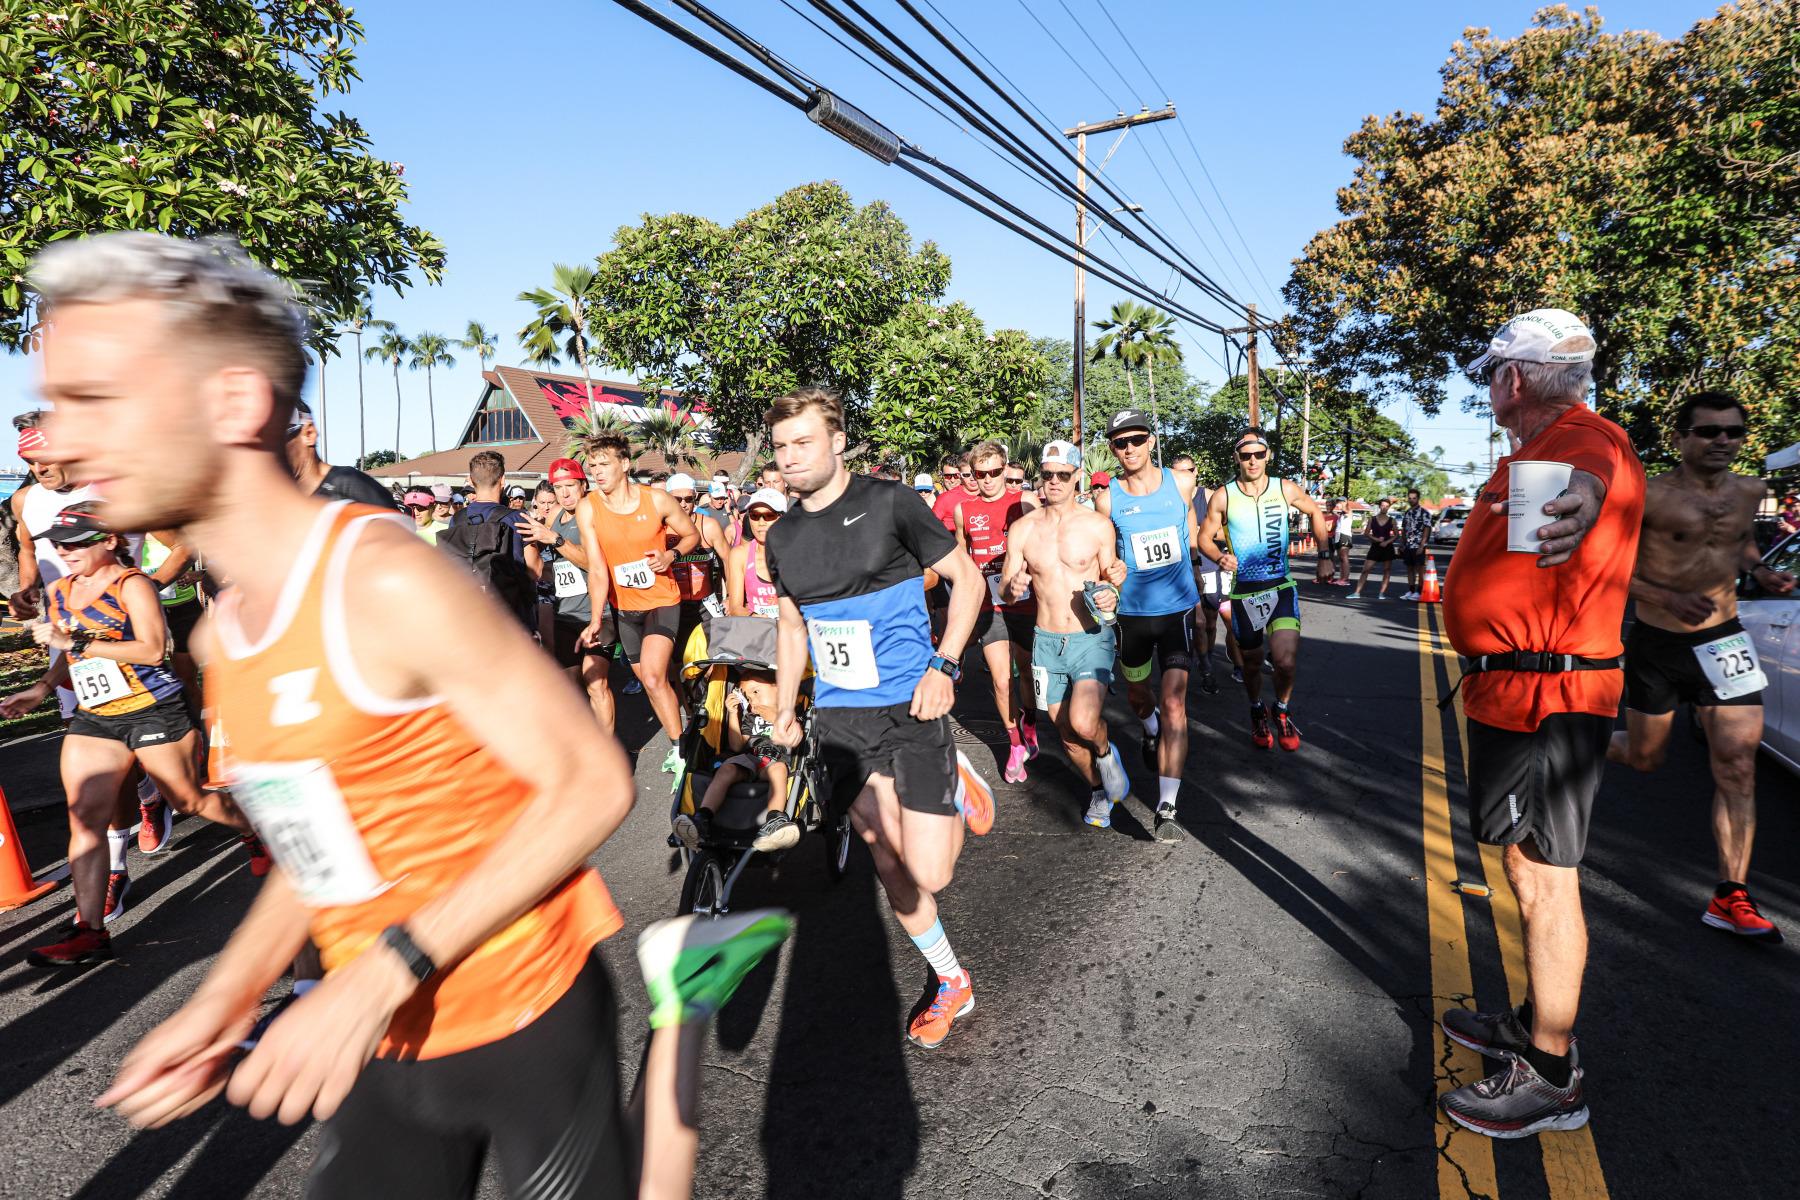 Die 10 Kilometer sind gestartet. Topfavorit Josh Lunn setzt sich im orange farbenen Trikot direkt an die Spitze.